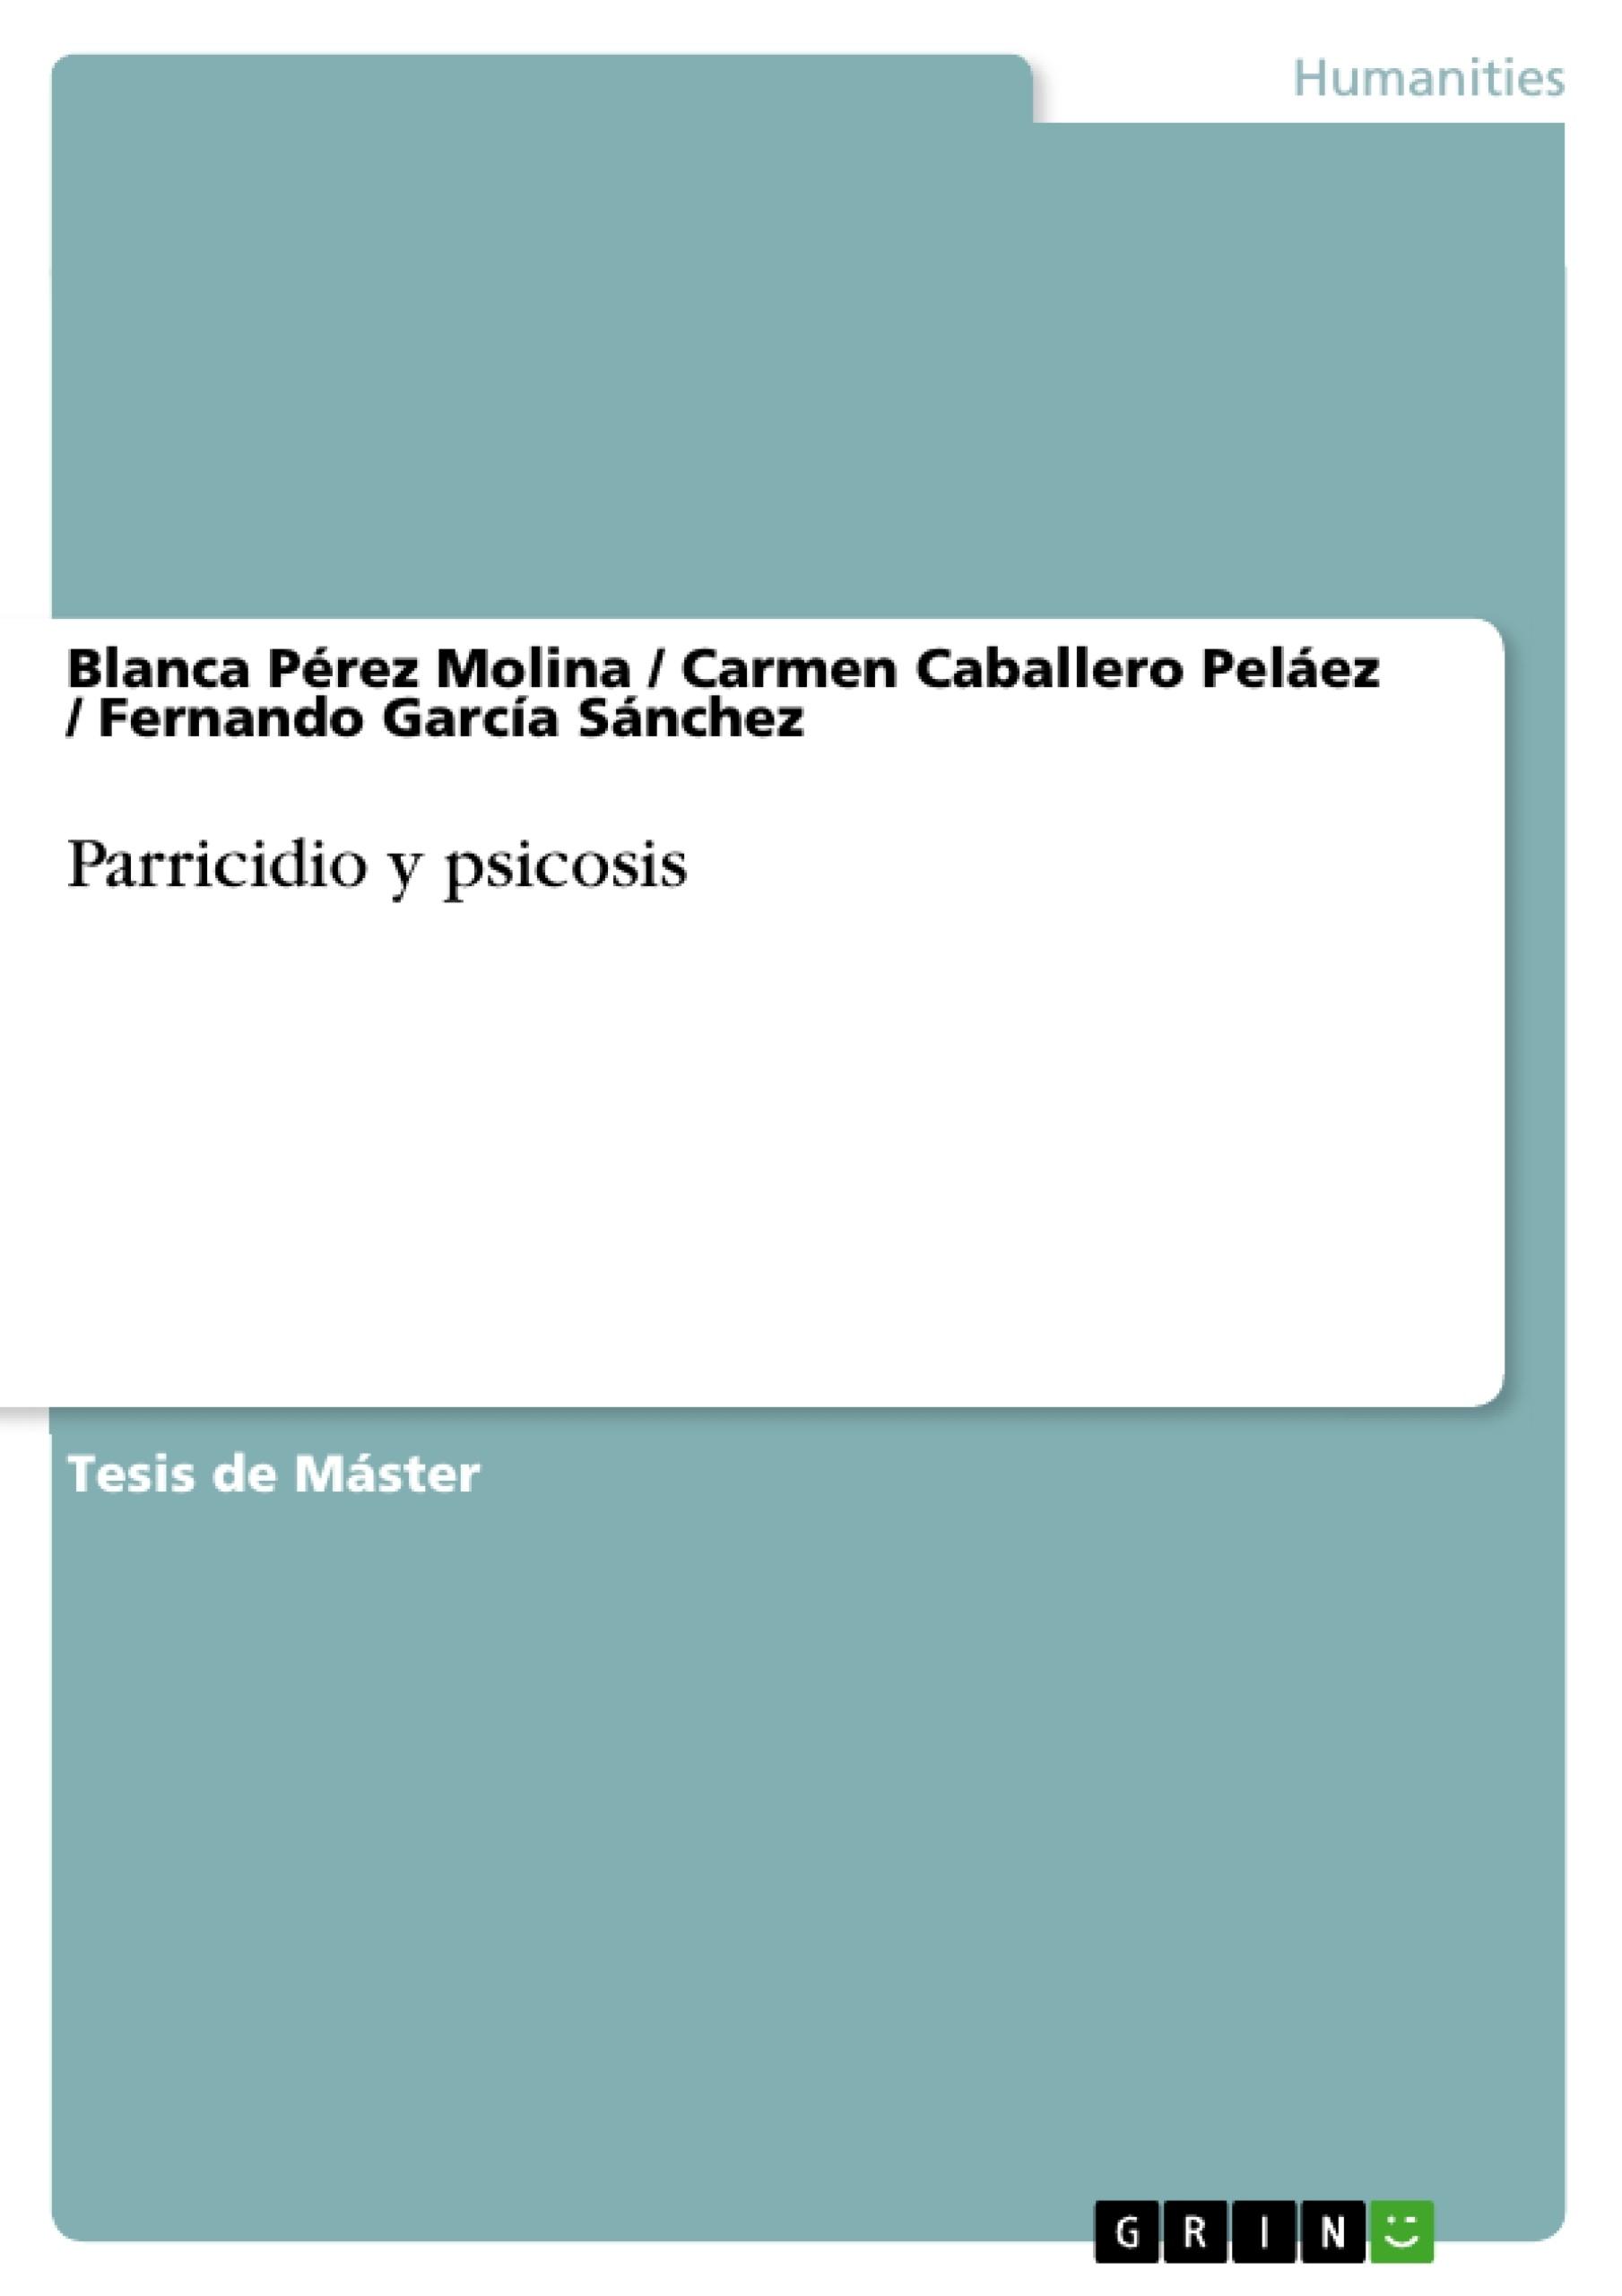 Título: Parricidio y psicosis